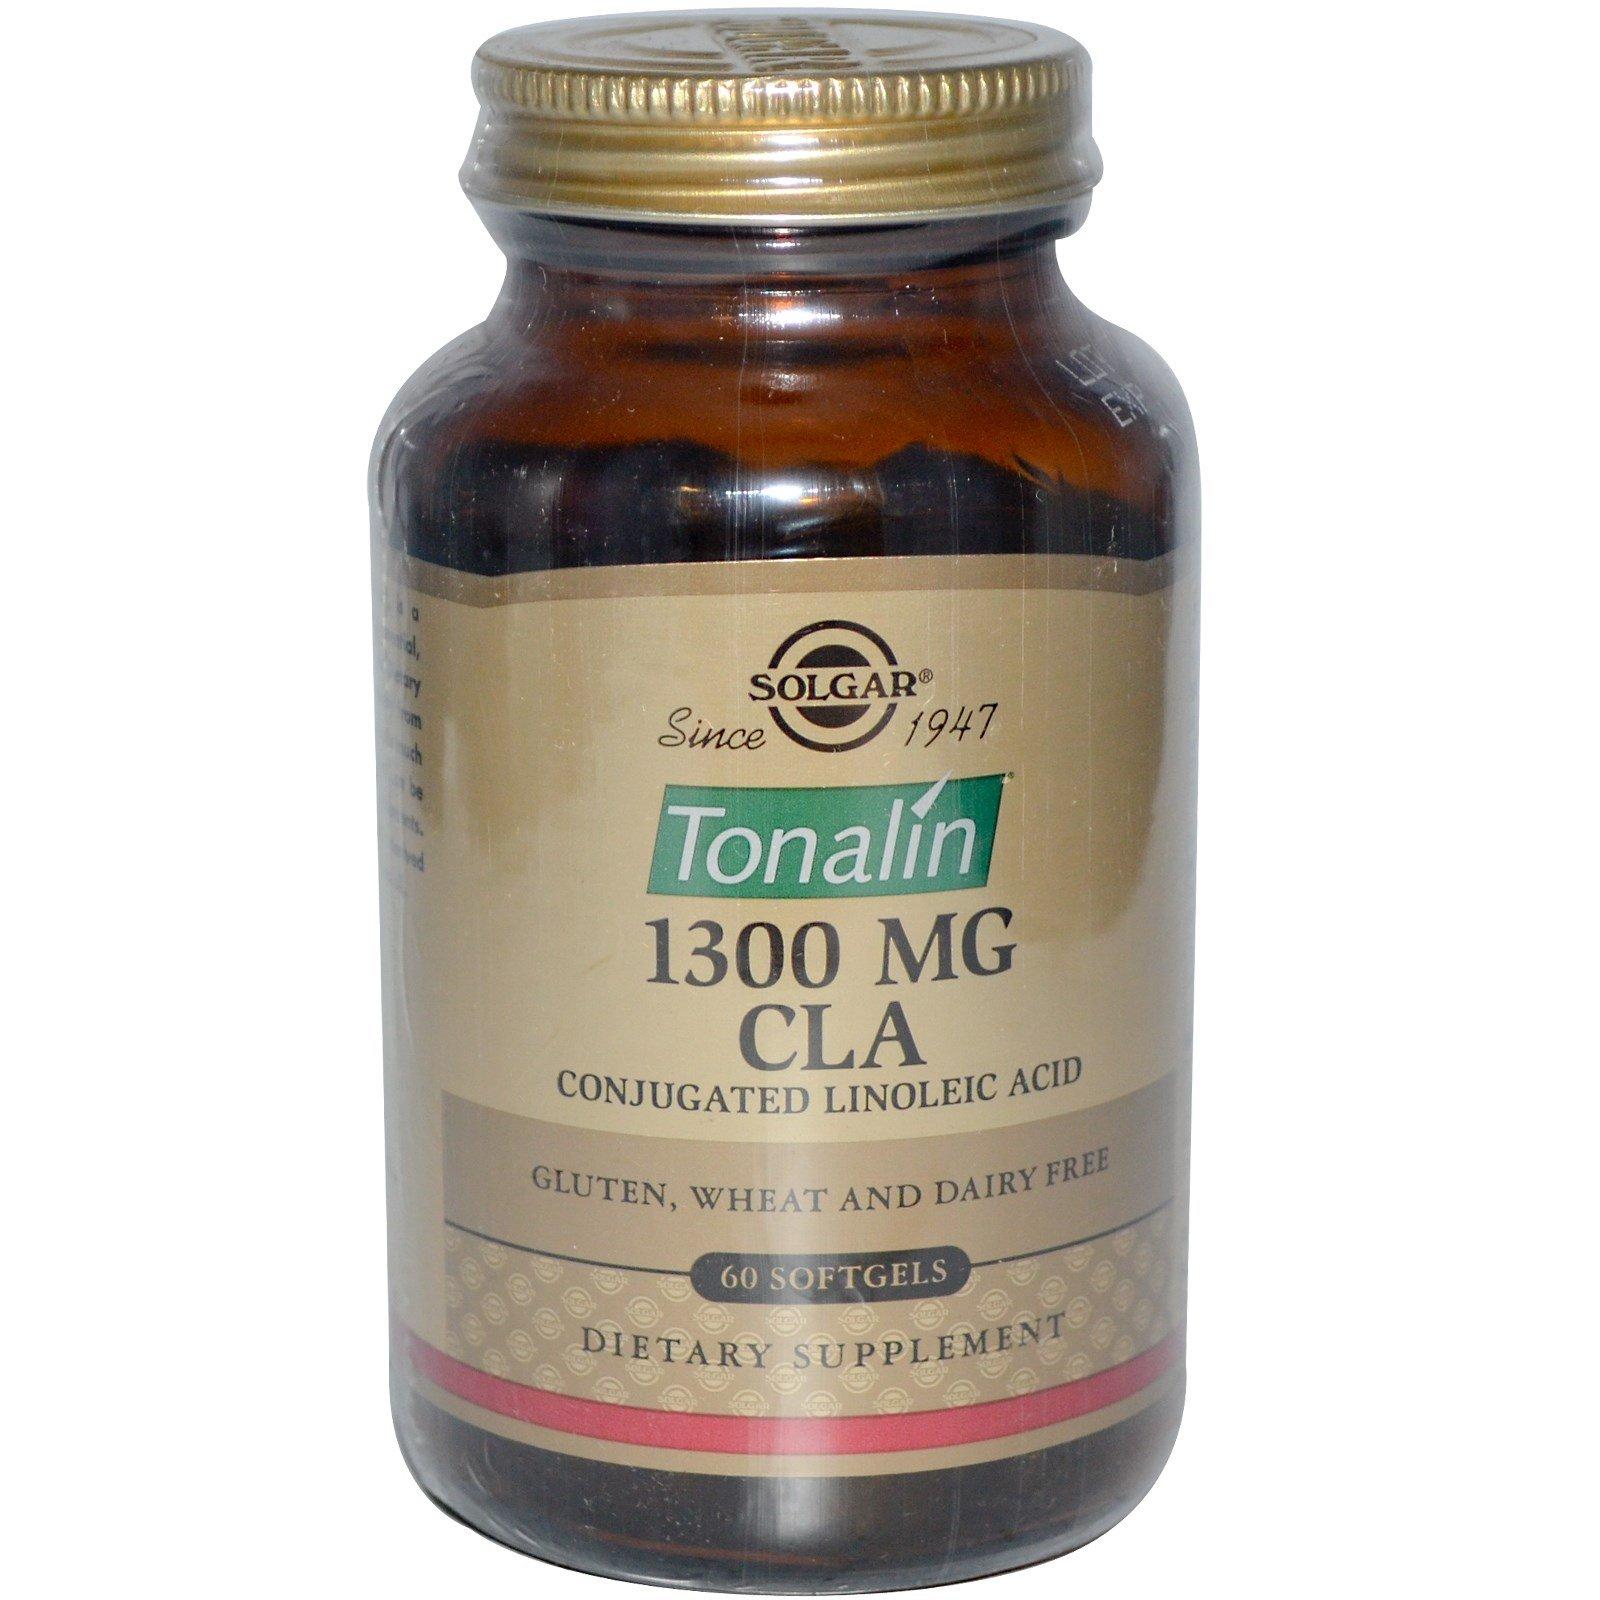 Solgar, Tonalin CLA, 1300 mg, 60 Softgels - 2pc